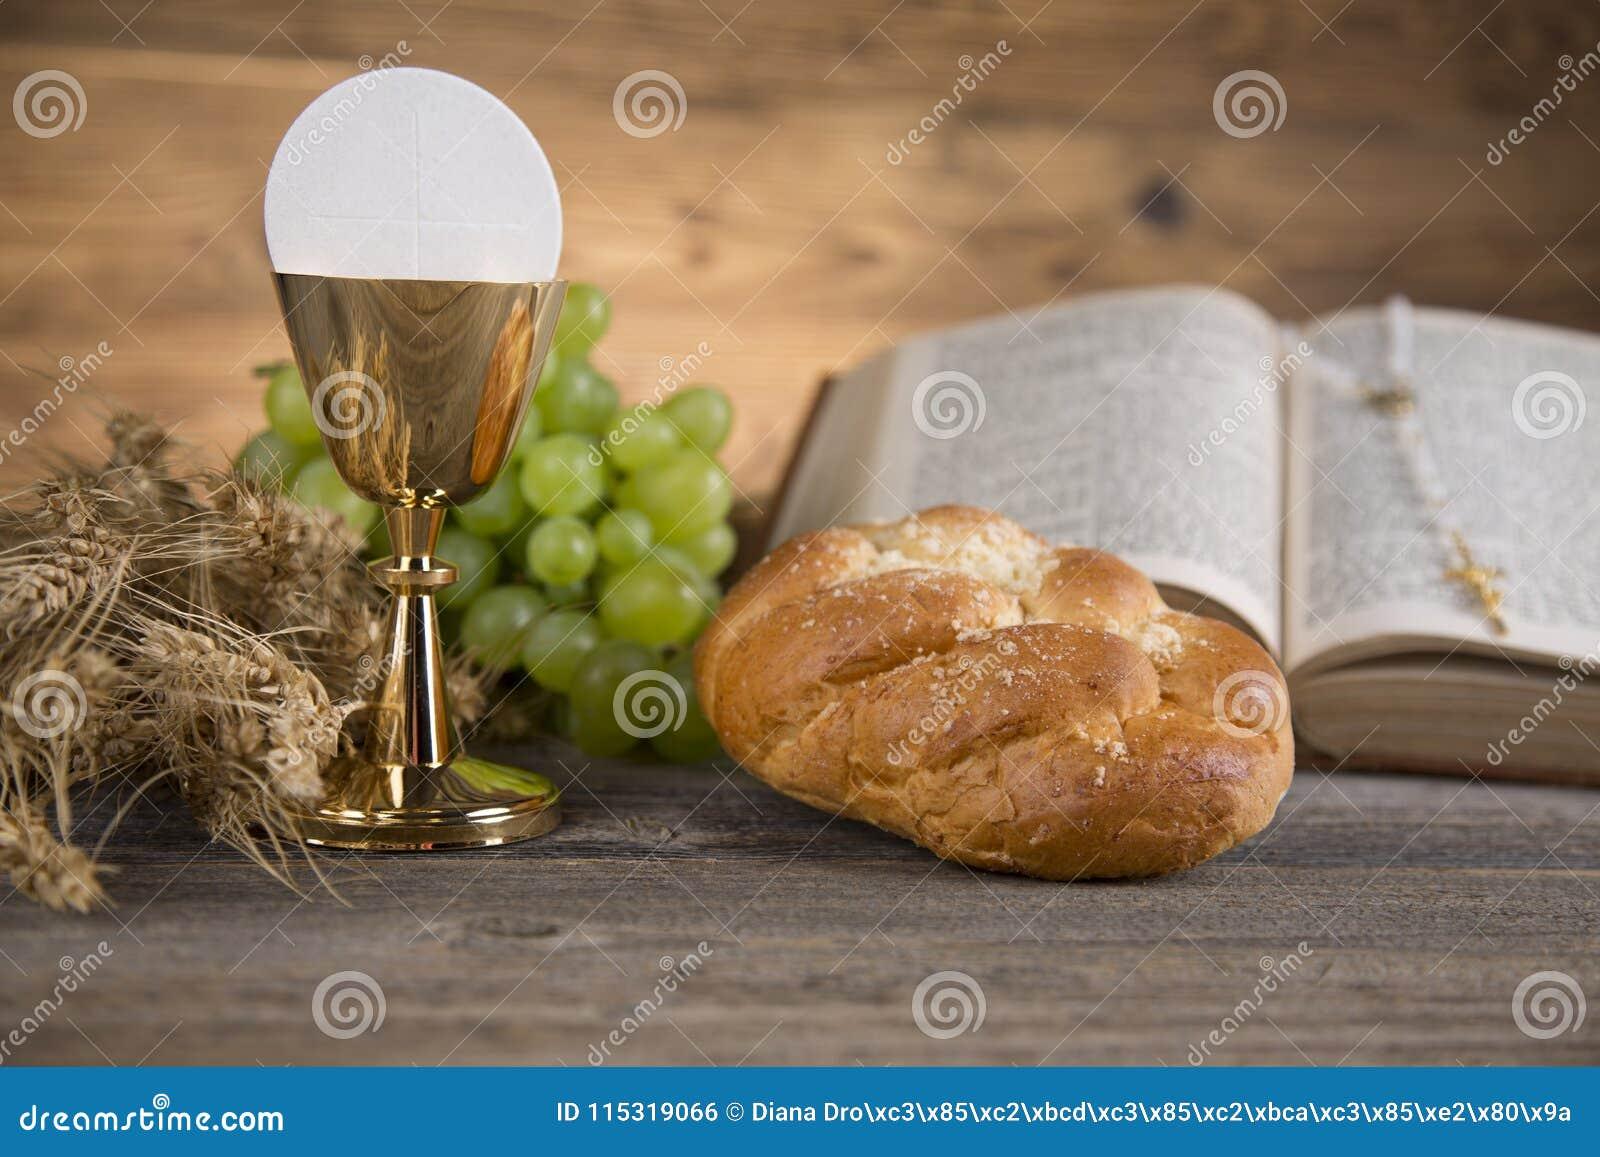 Symbolchristentumsreligion, Kommunionshintergrund